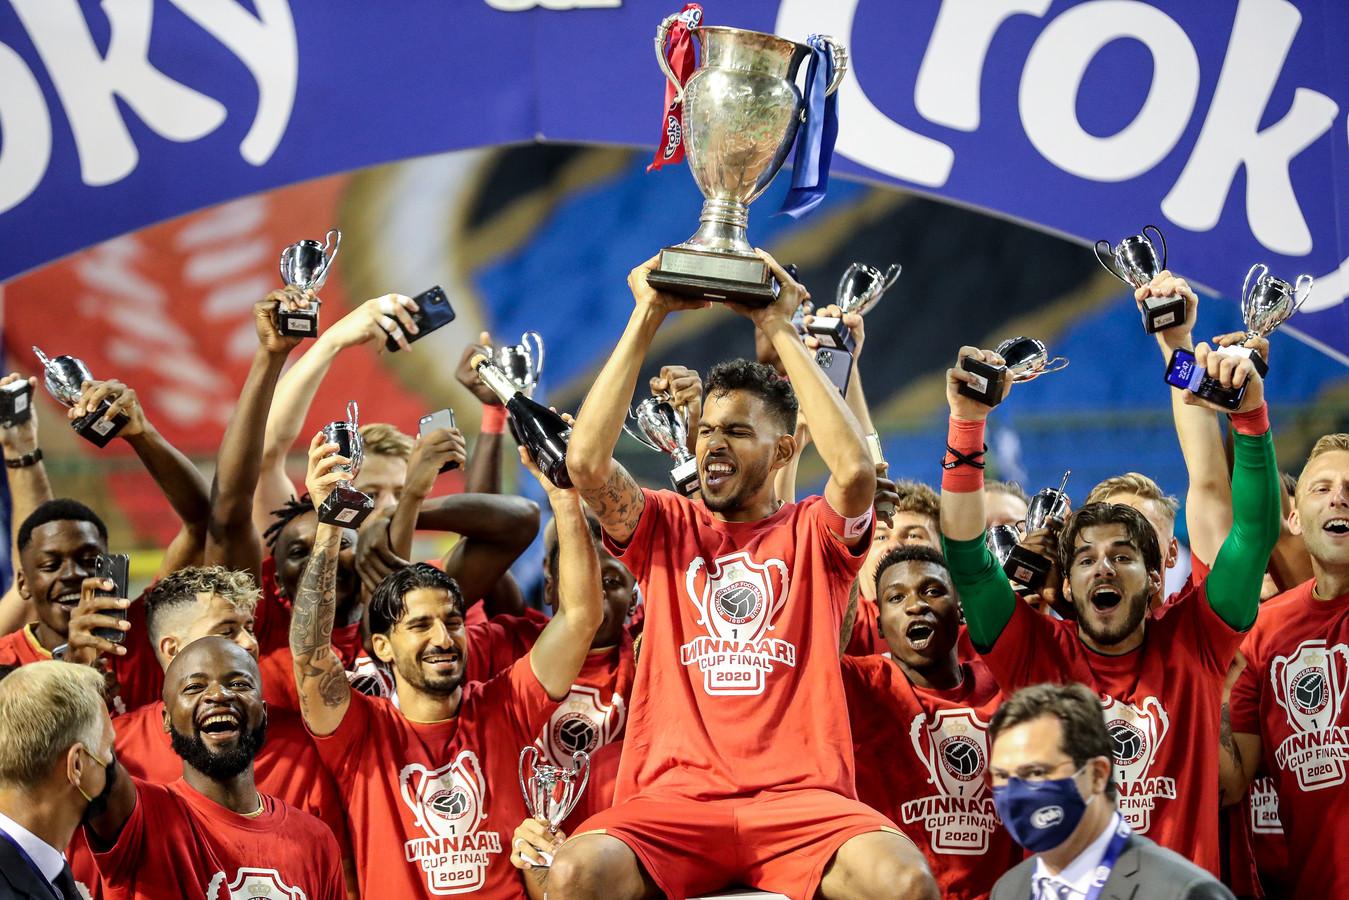 Net als begin augustus was Antwerp ook gisteren aan het feest: het kreeg van de KBVB zonder problemen de licentie voor volgend seizoen.